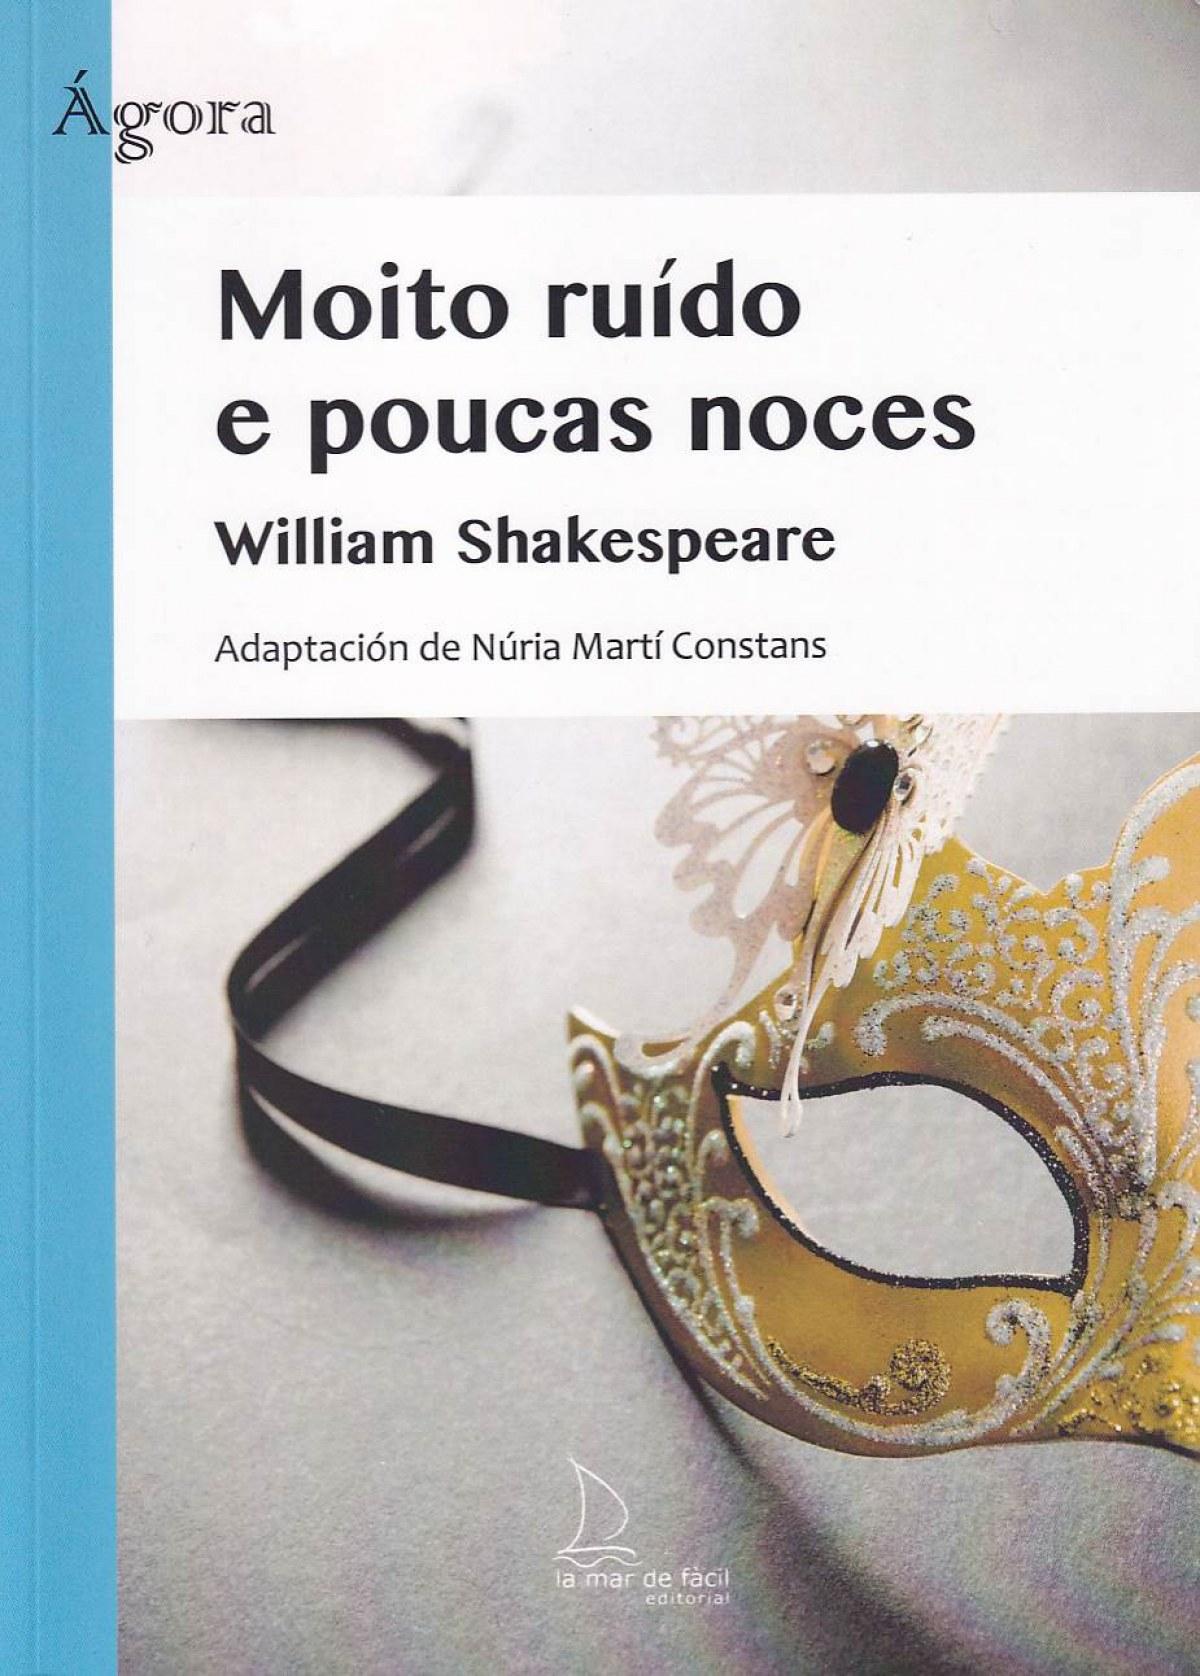 MOITO RUIDO E POUCAS NOCES